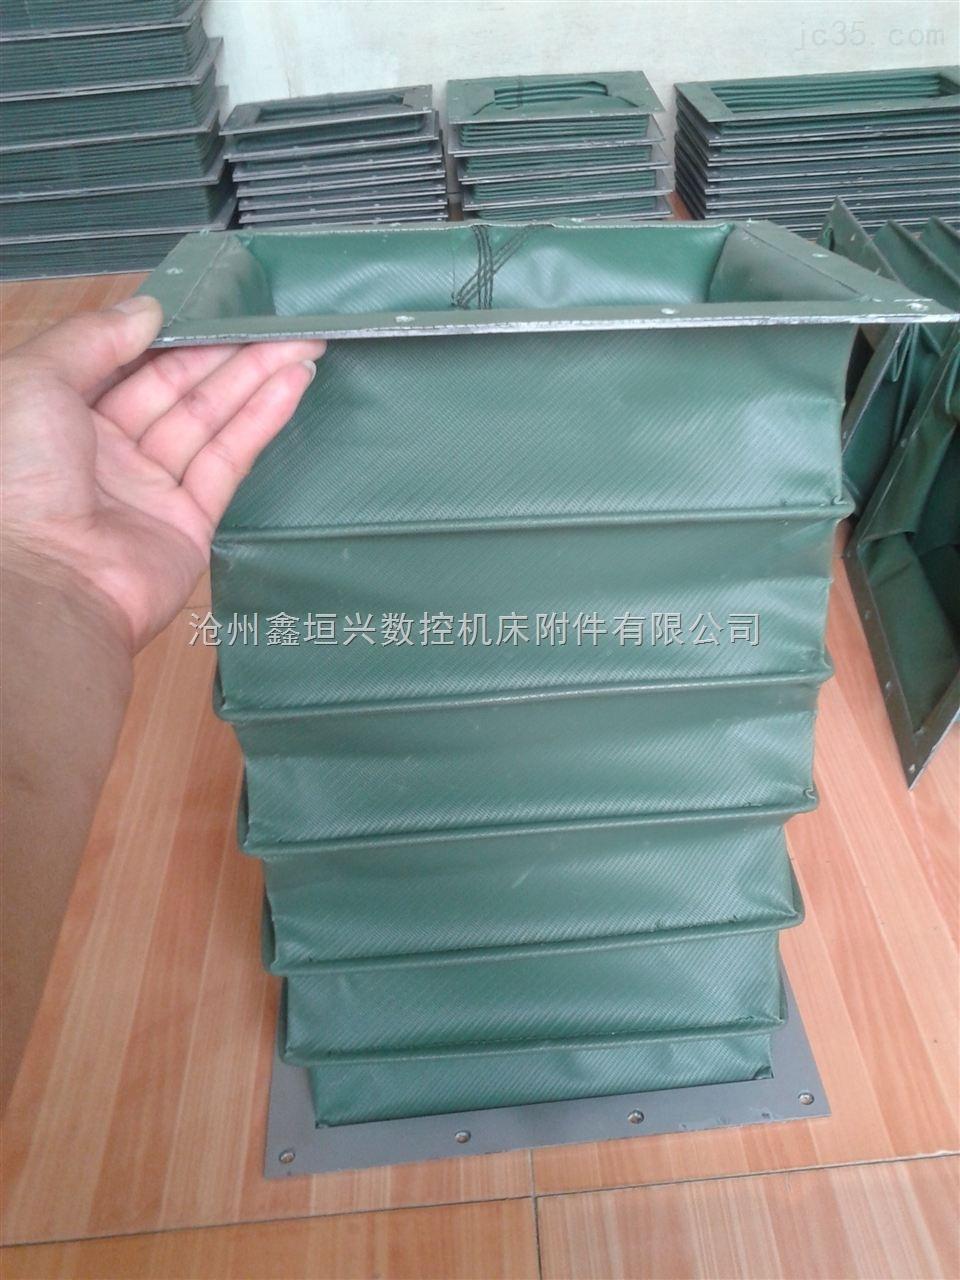 印刷机专用烘箱抽风连接软管